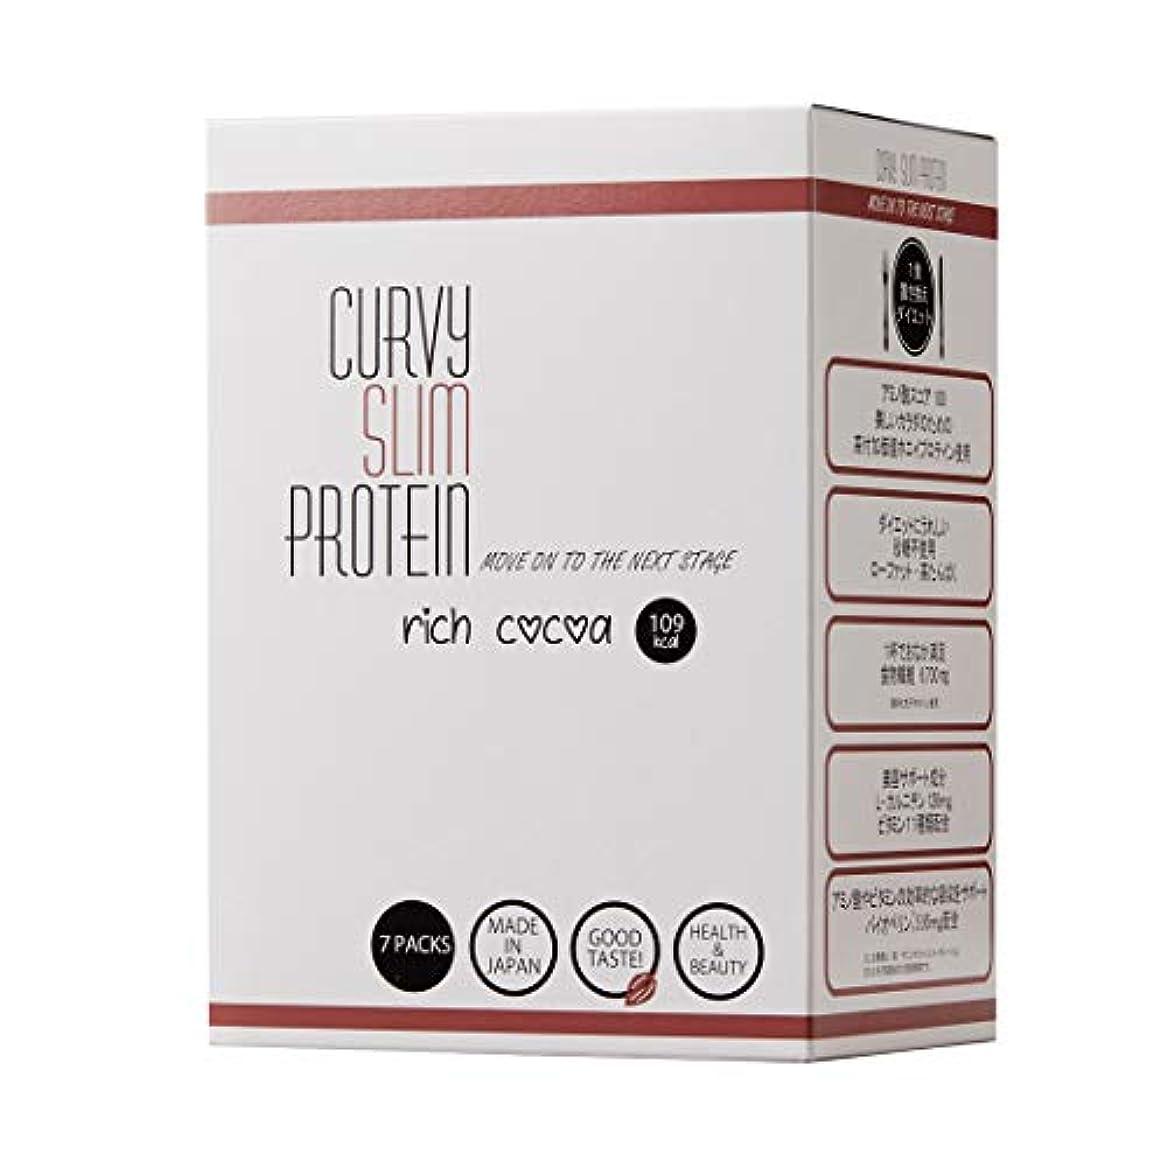 緑モンスター同盟カーヴィースリム® プロテイン リッチココア 置き換え ダイエット 7包(7食分)